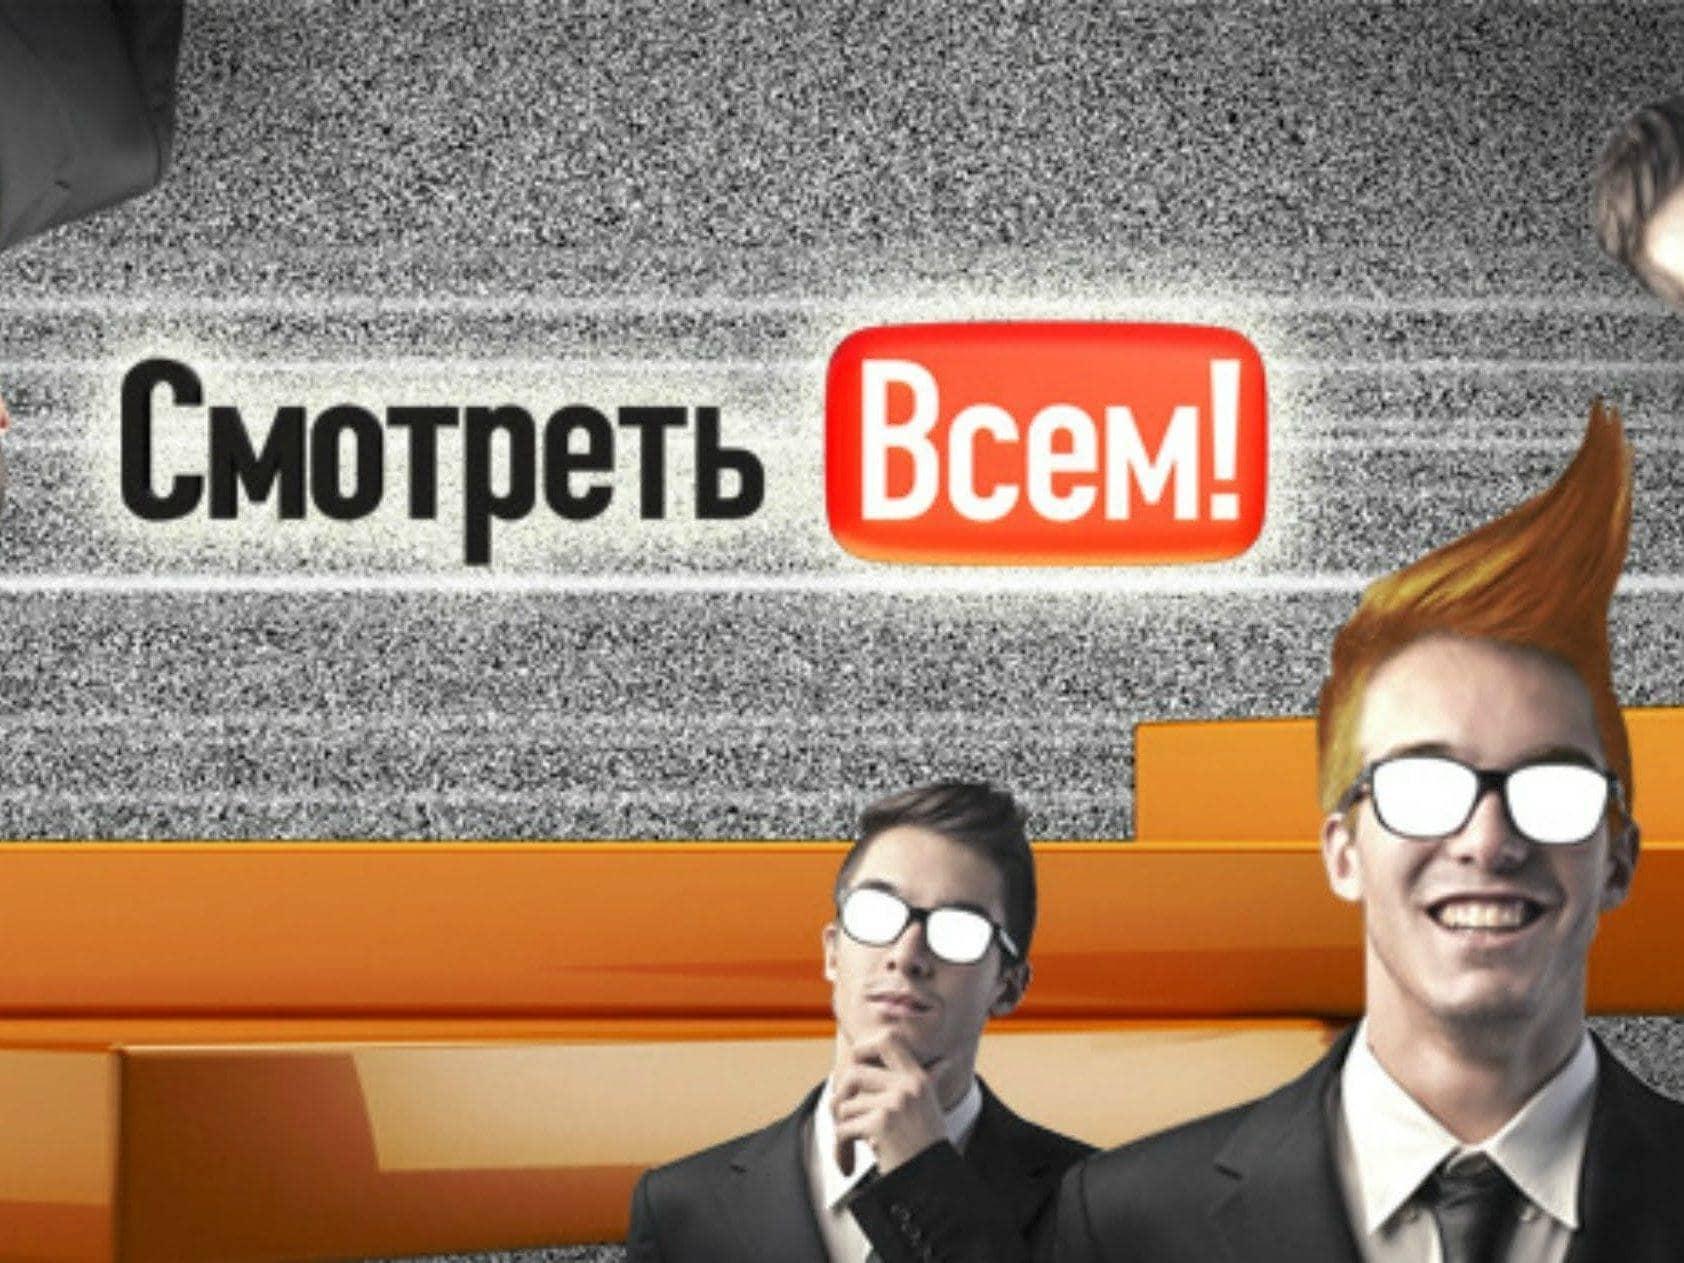 программа РЕН ТВ: Смотреть всем! 390 серия